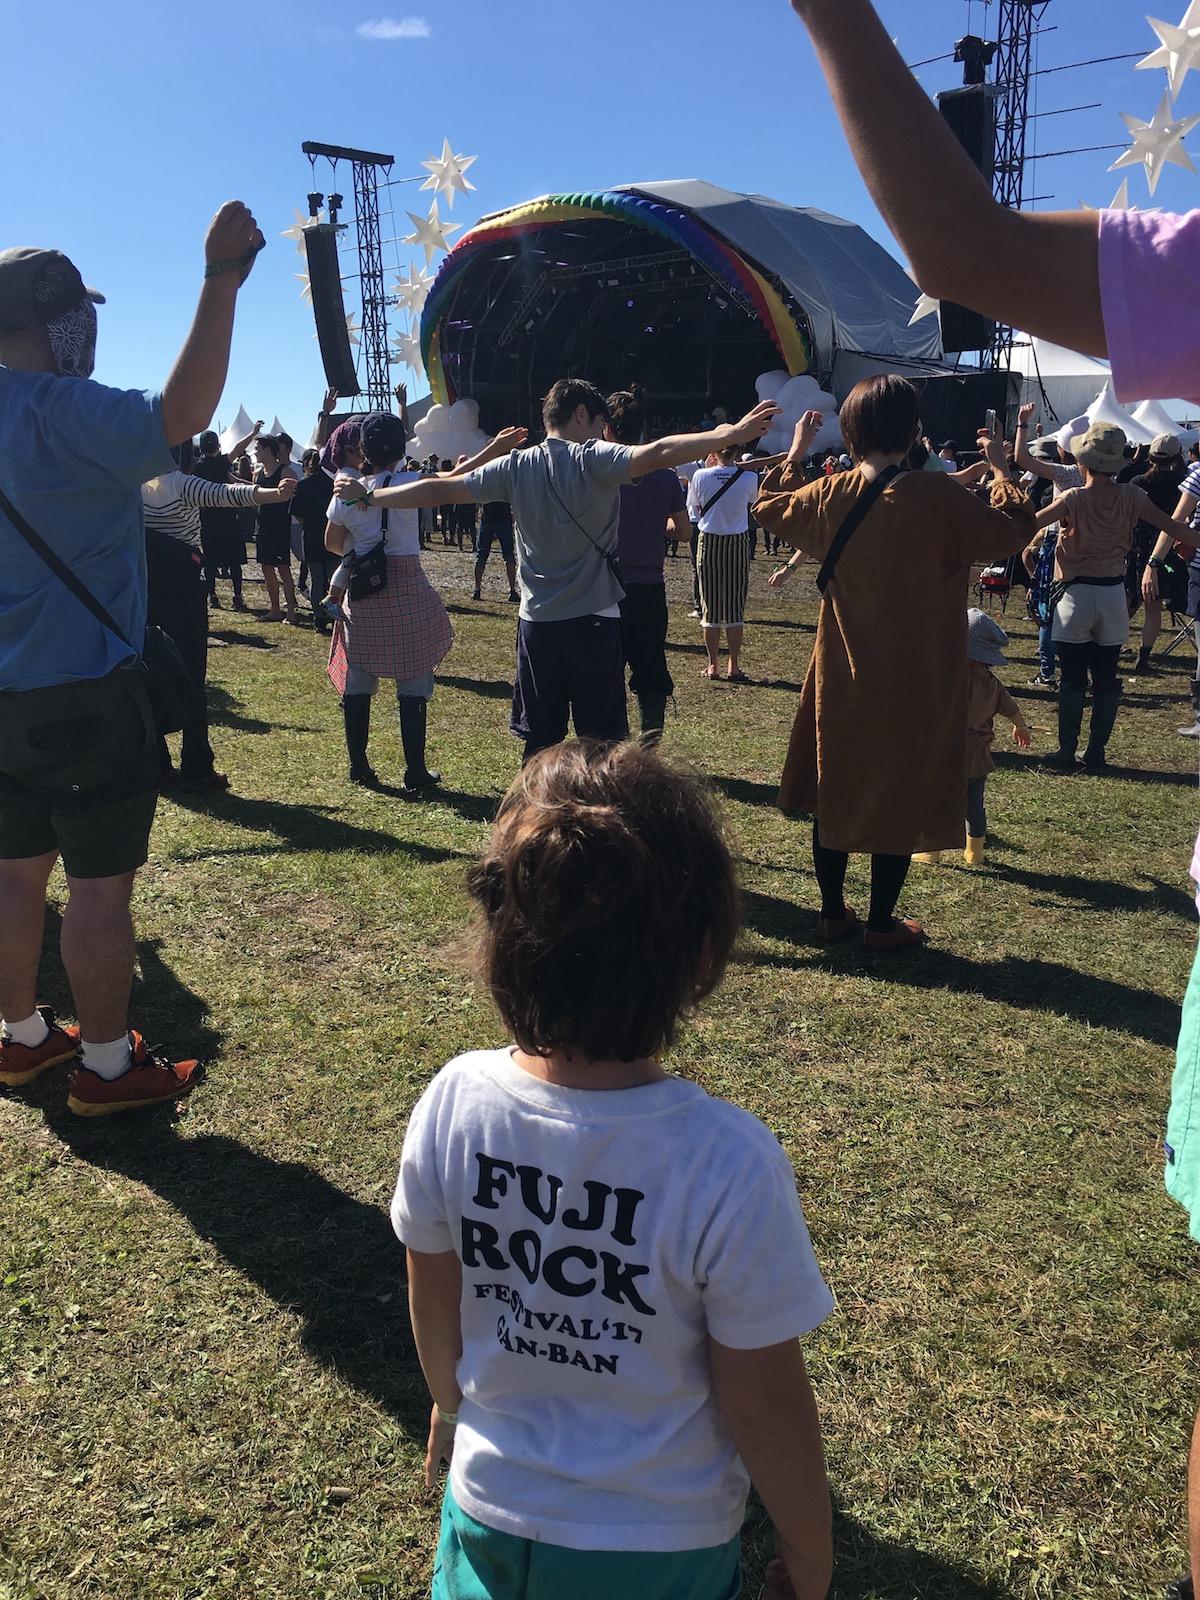 49 【こどもフジロック】朝霧Jam'18子連れフェス体験記〜3歳児とのキャンプ・イン・フェスの過ごし方〜